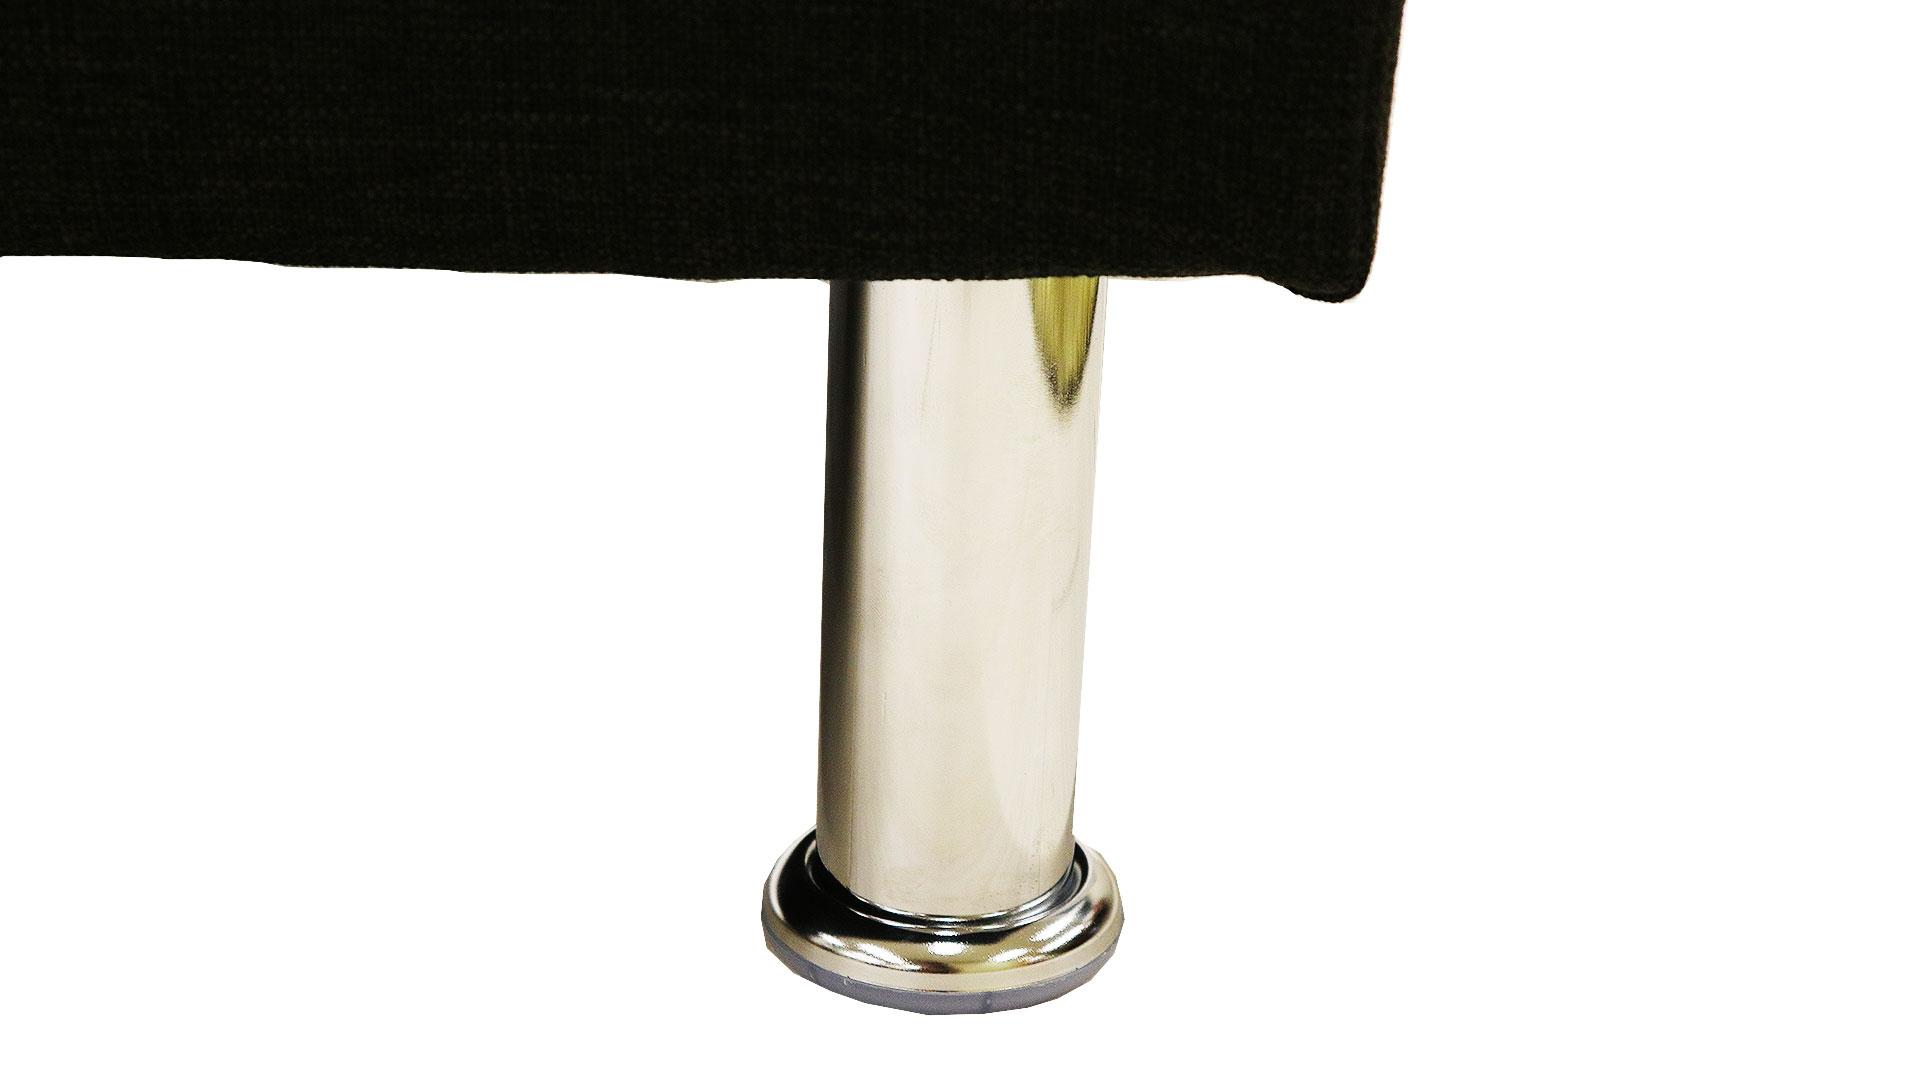 横幅180㎝の黒のソファベッド7.777円の品のスチールメッキの脚の画像